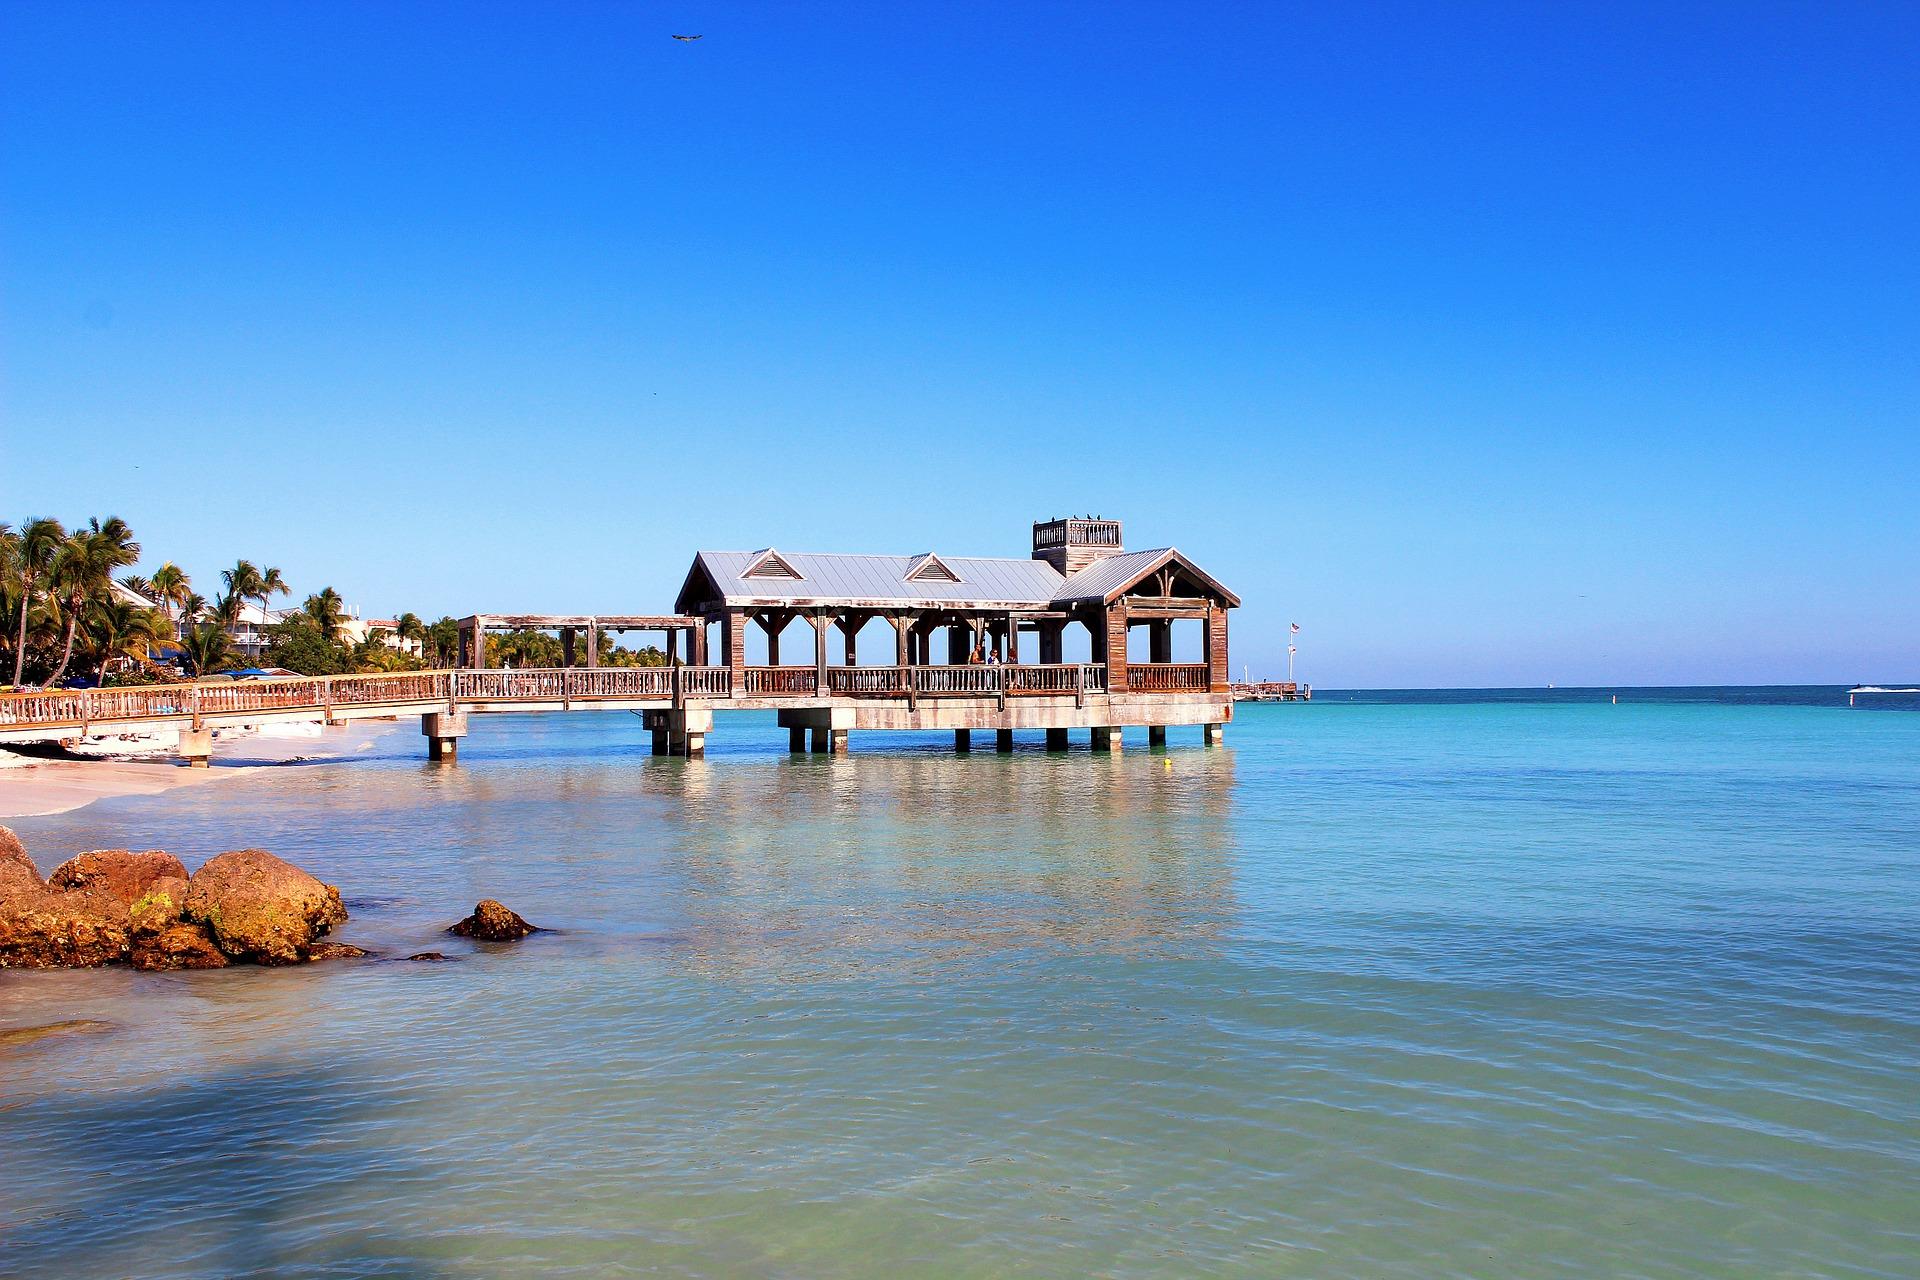 Tampa Westküste Florida Deals & Sehenswürdigkeiten